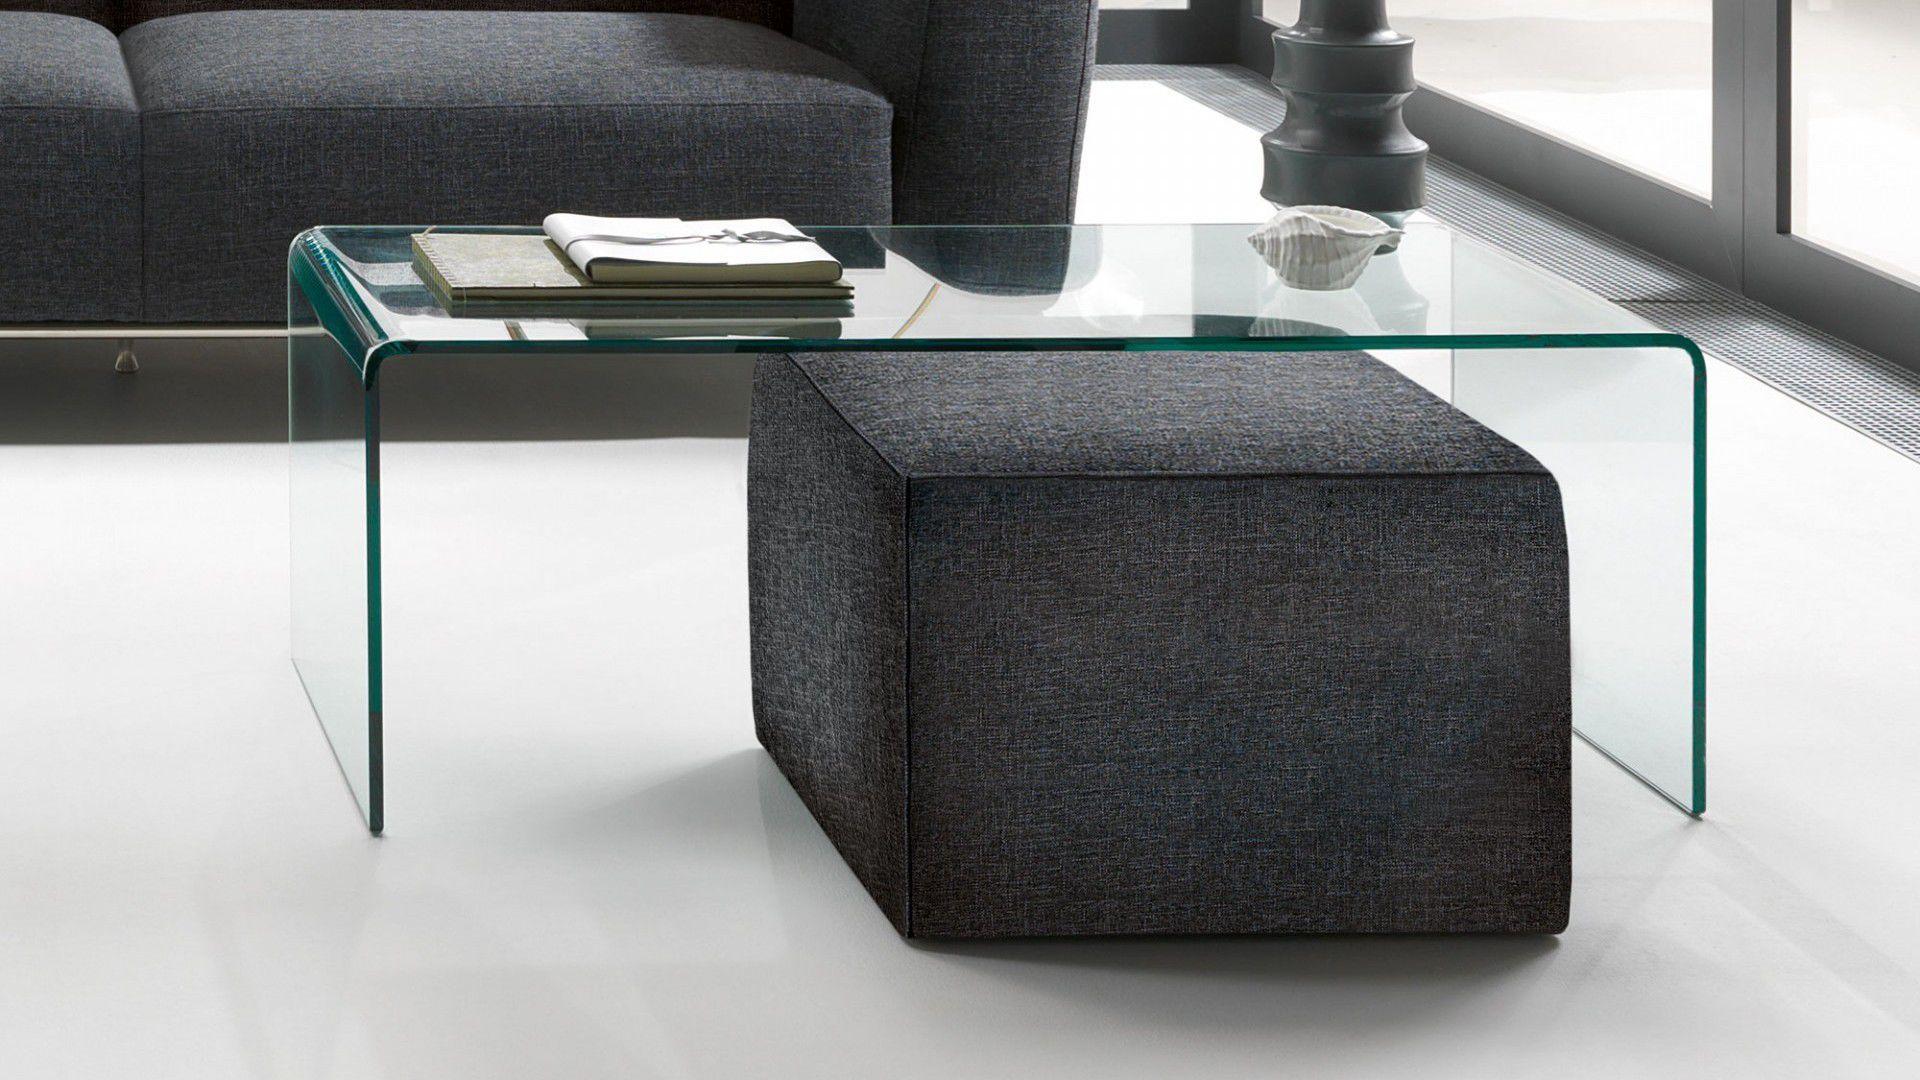 Tavolino Cristallo Natuzzi.Tavolino Basso Moderno In Vetro Rettangolare Da